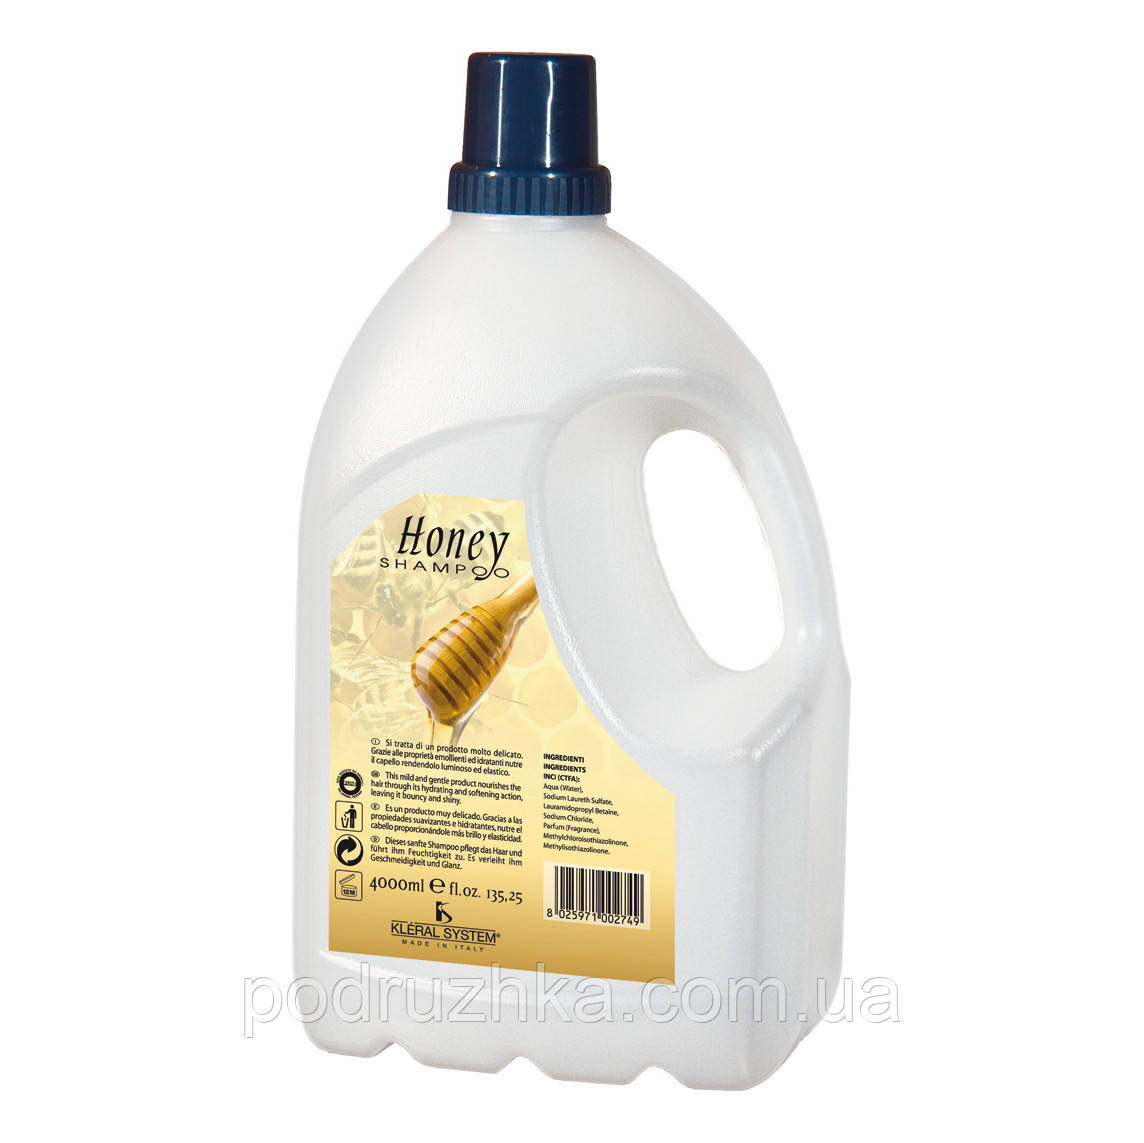 KLERAL SYSTEM Shampoo Honey Медовый шампунь, 4000 мл